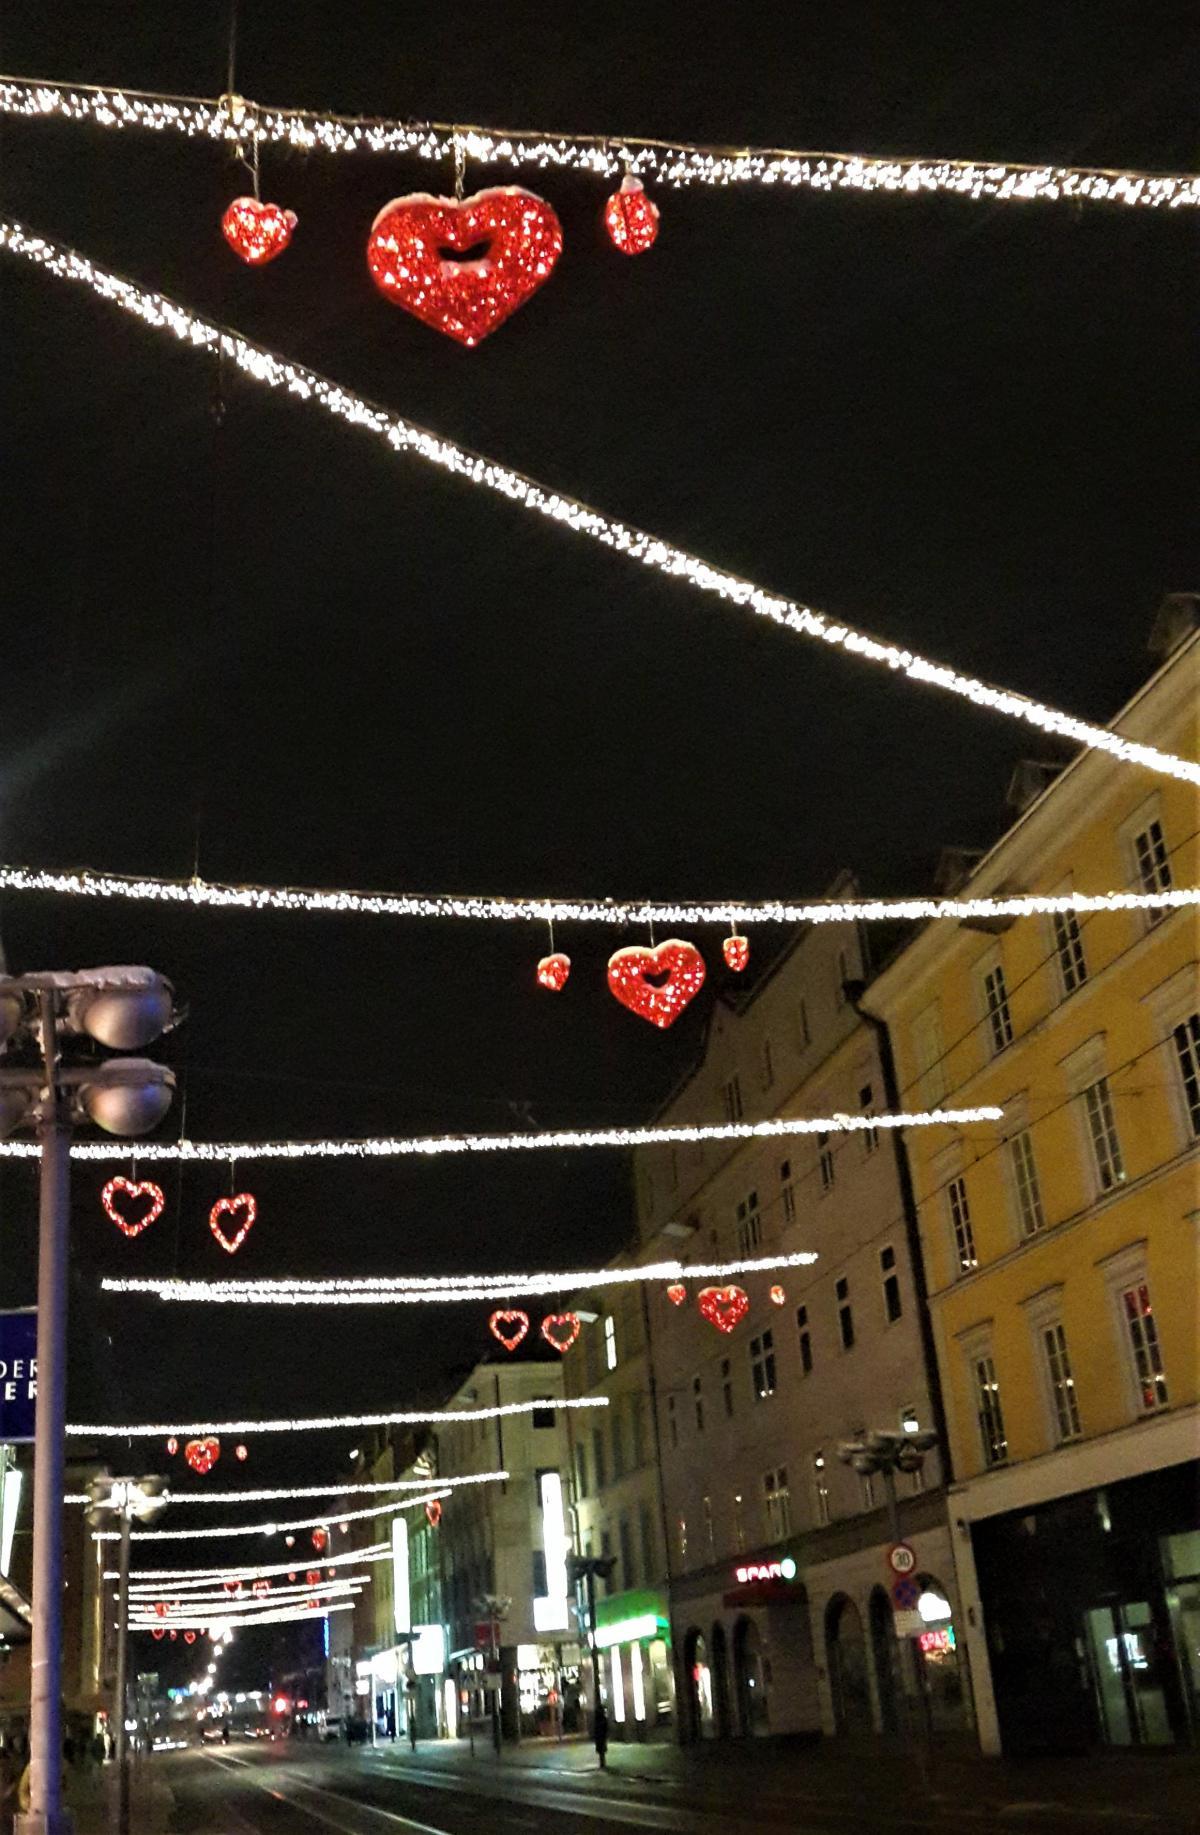 Навіть вночі у різдвяні дні в Інсбруку світло / Фото Марина Григоренко